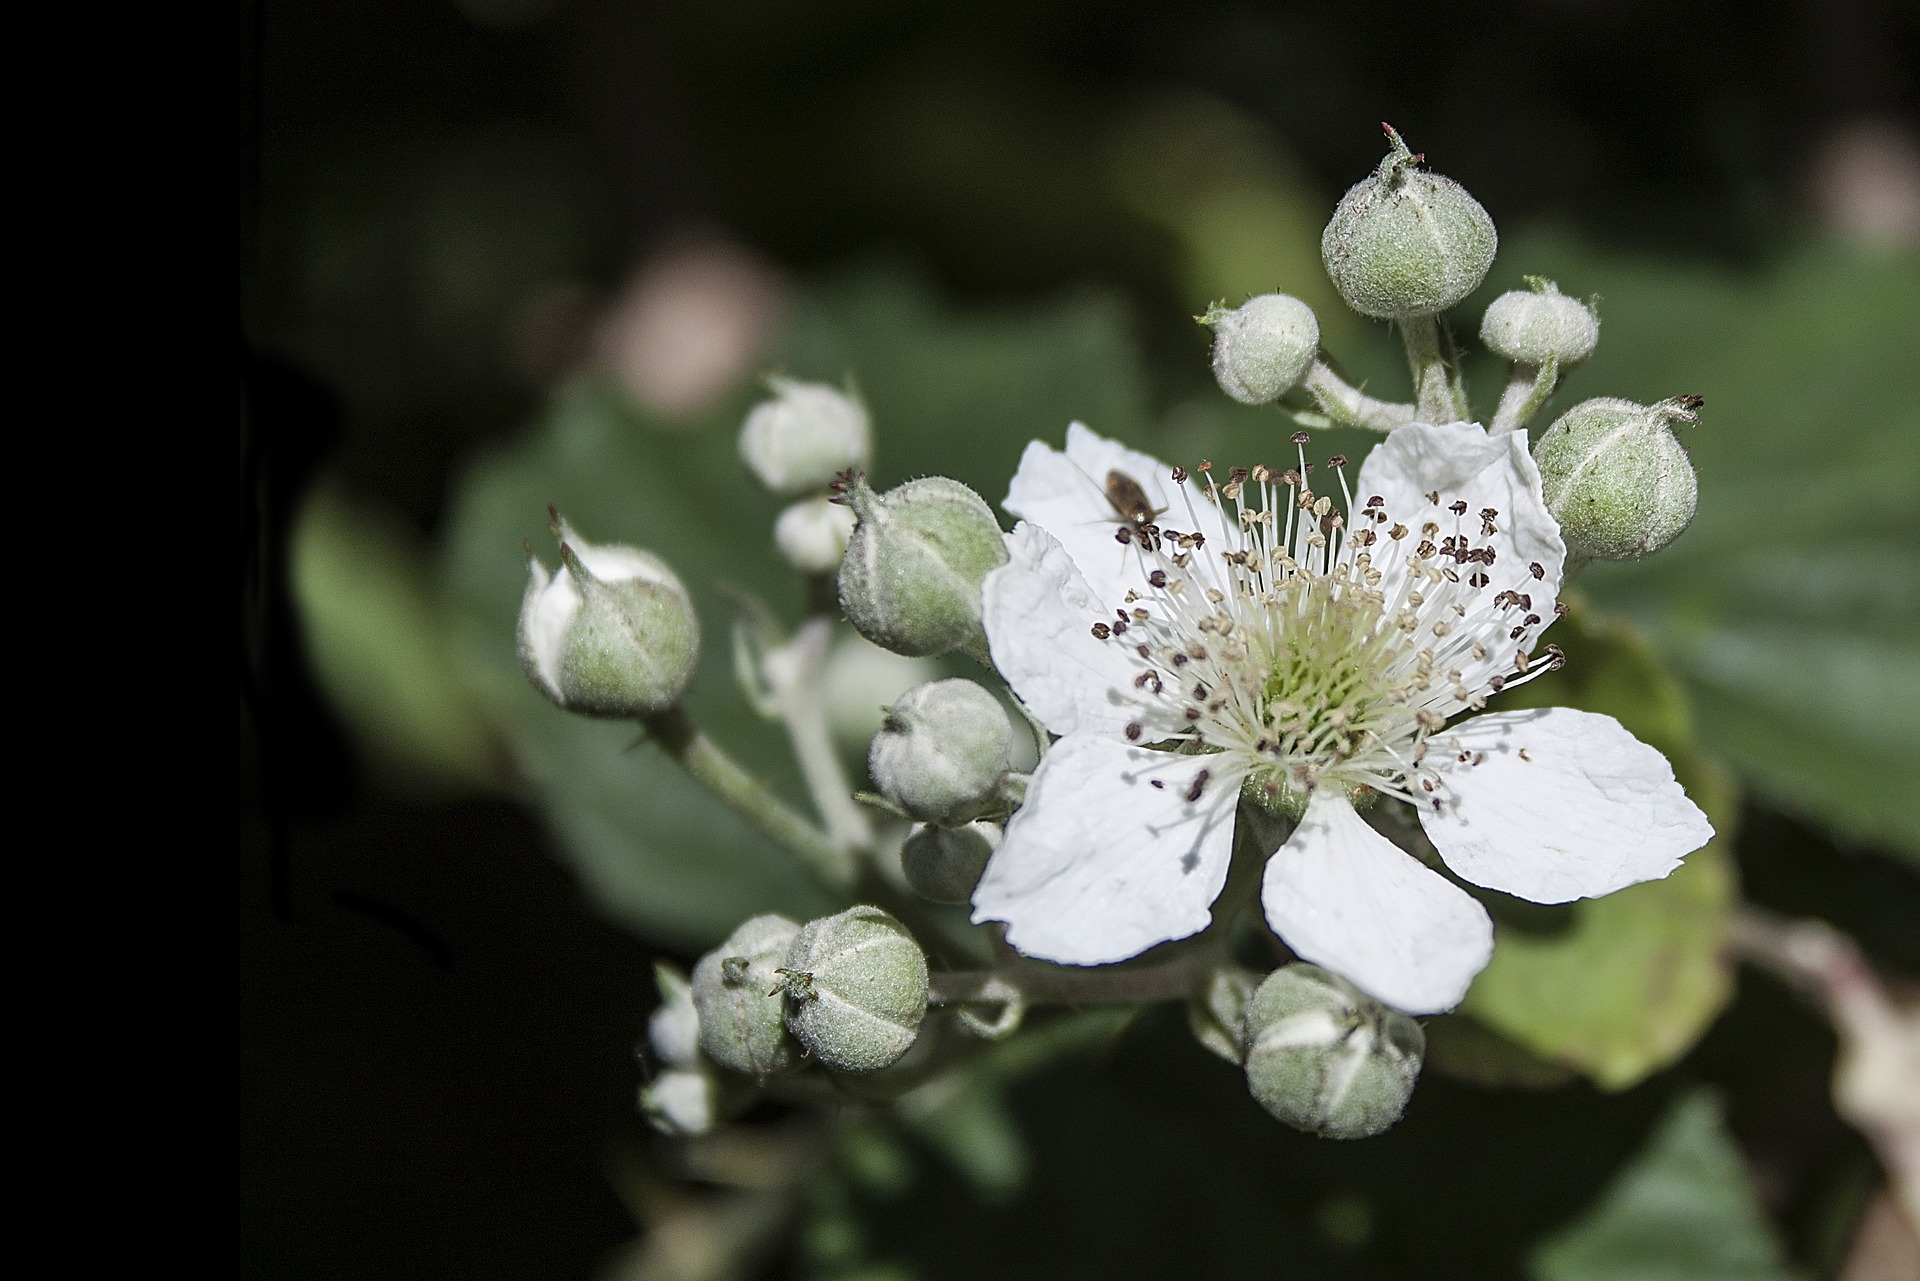 Blackberry blossoms GardensAll.com